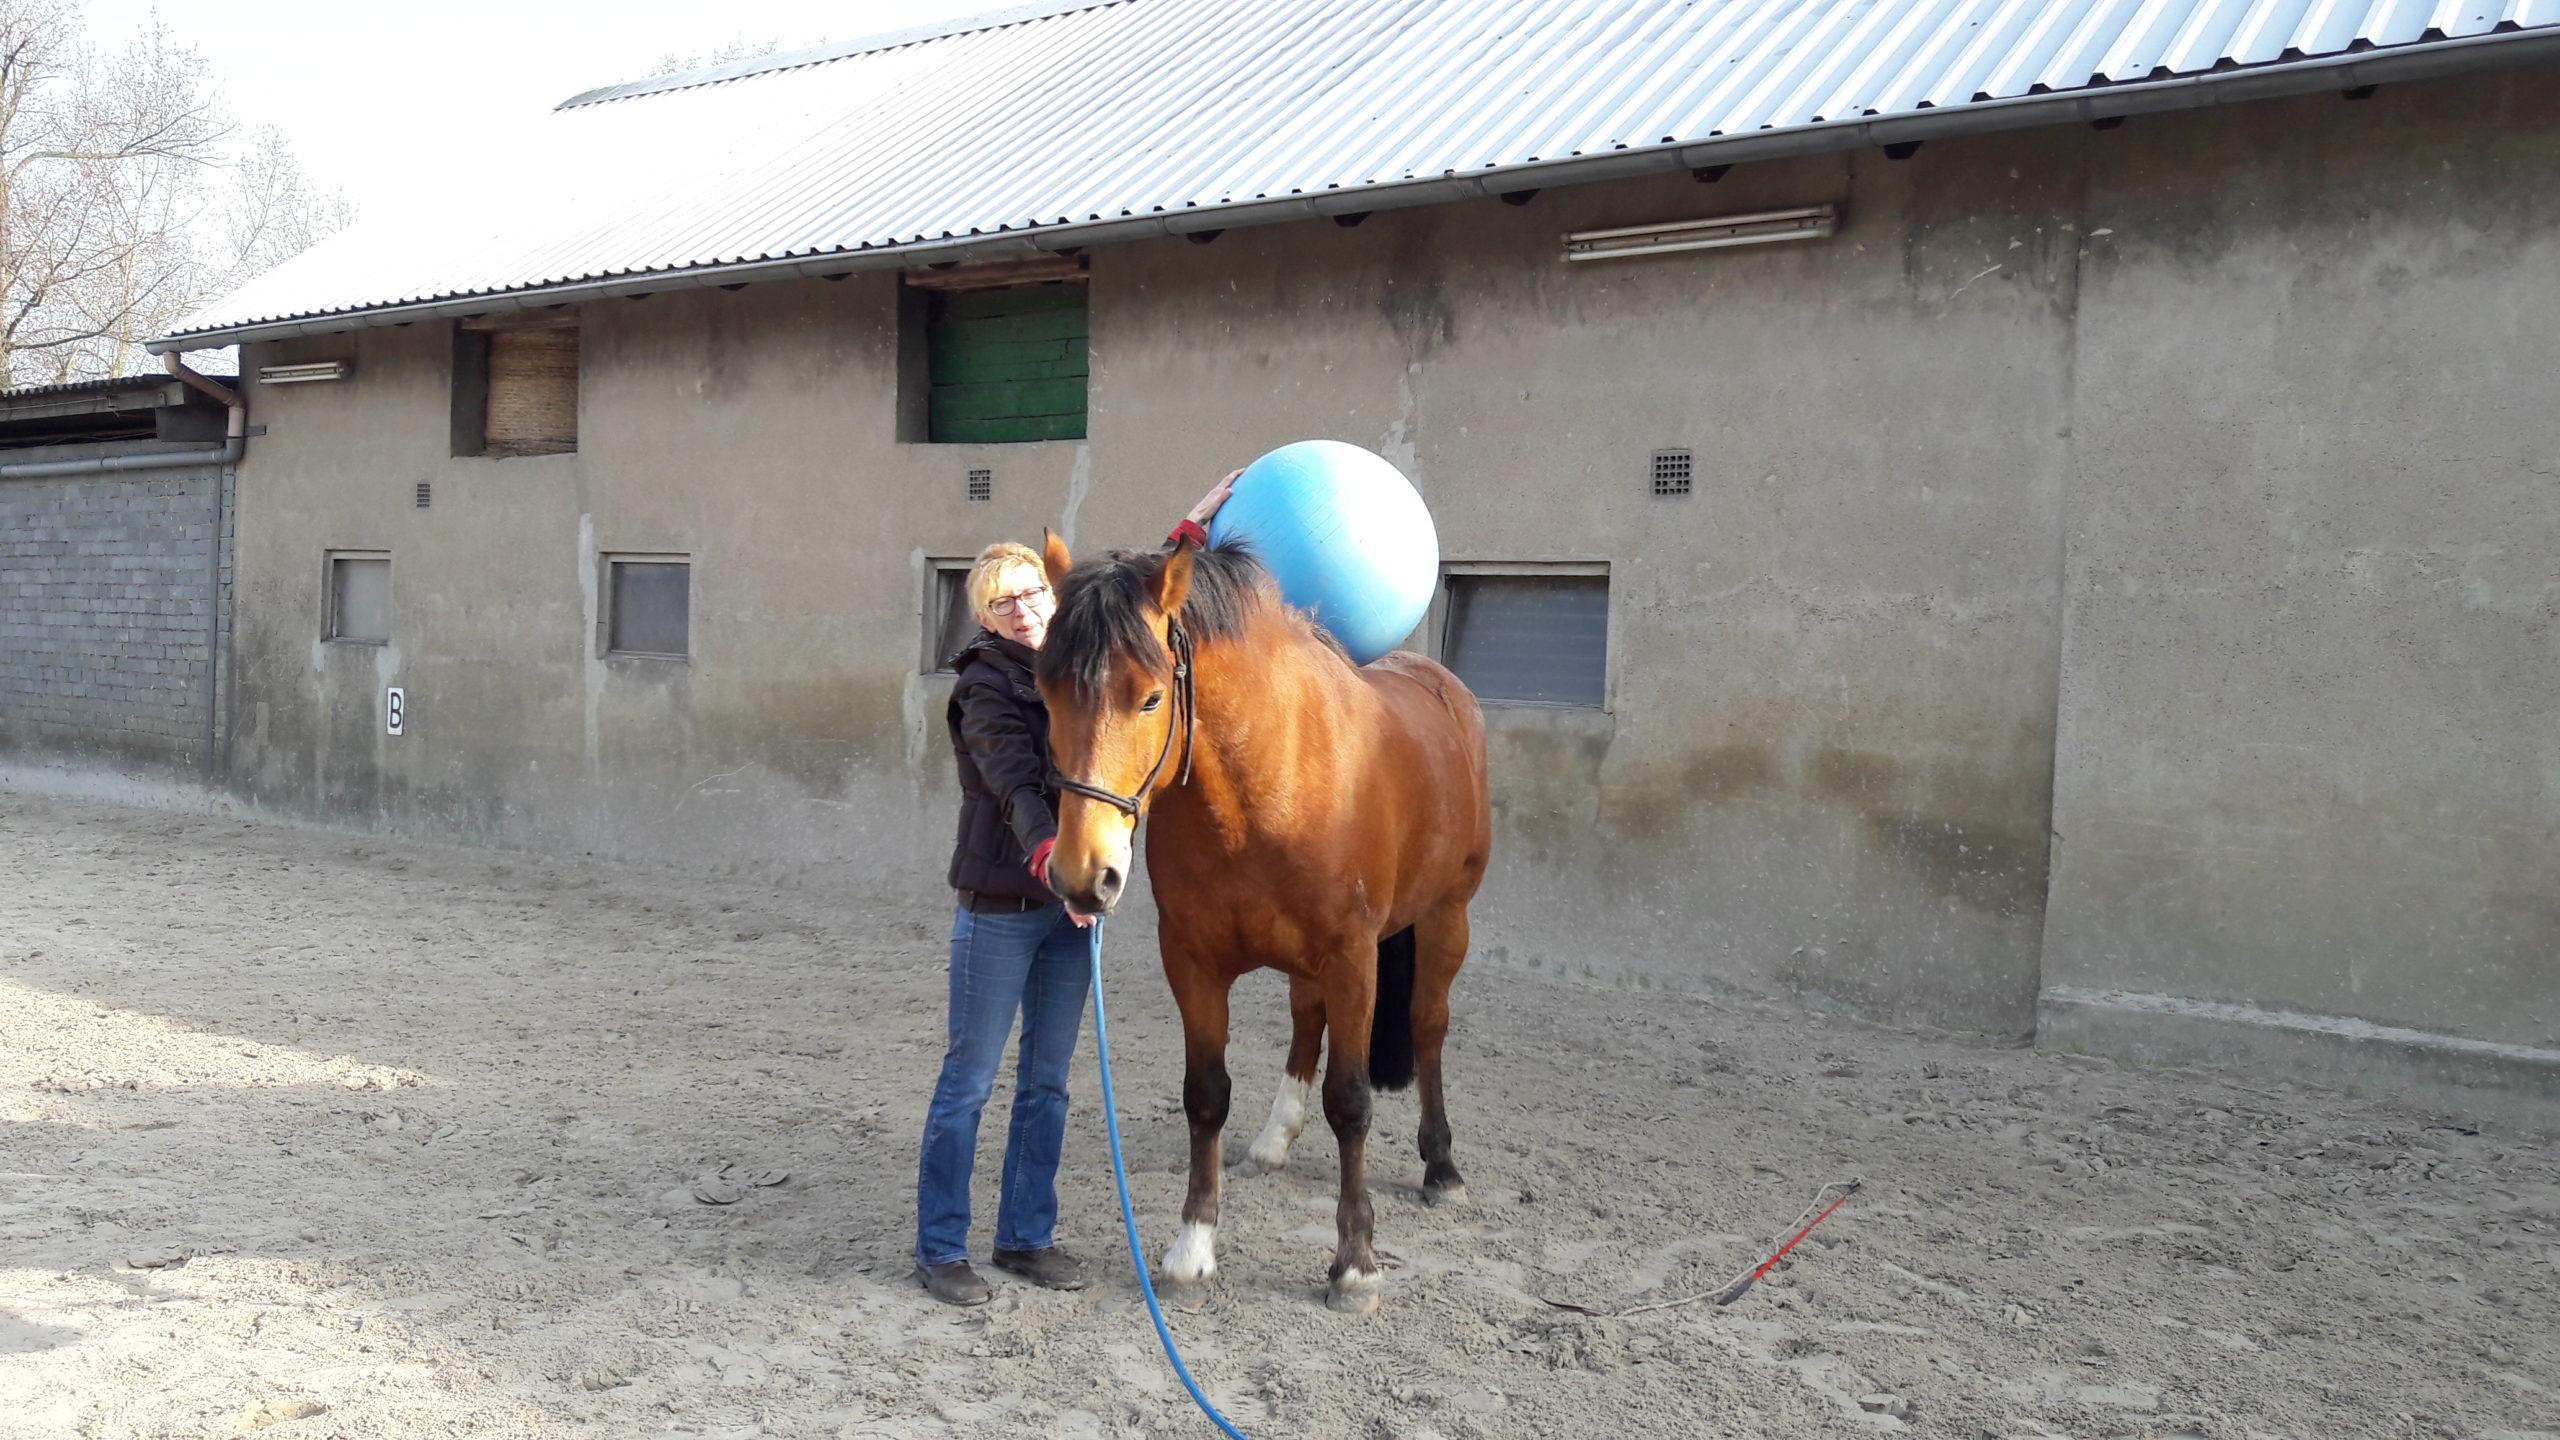 20170326_101723 die pferdegrundschule popeye und der blaue Ball